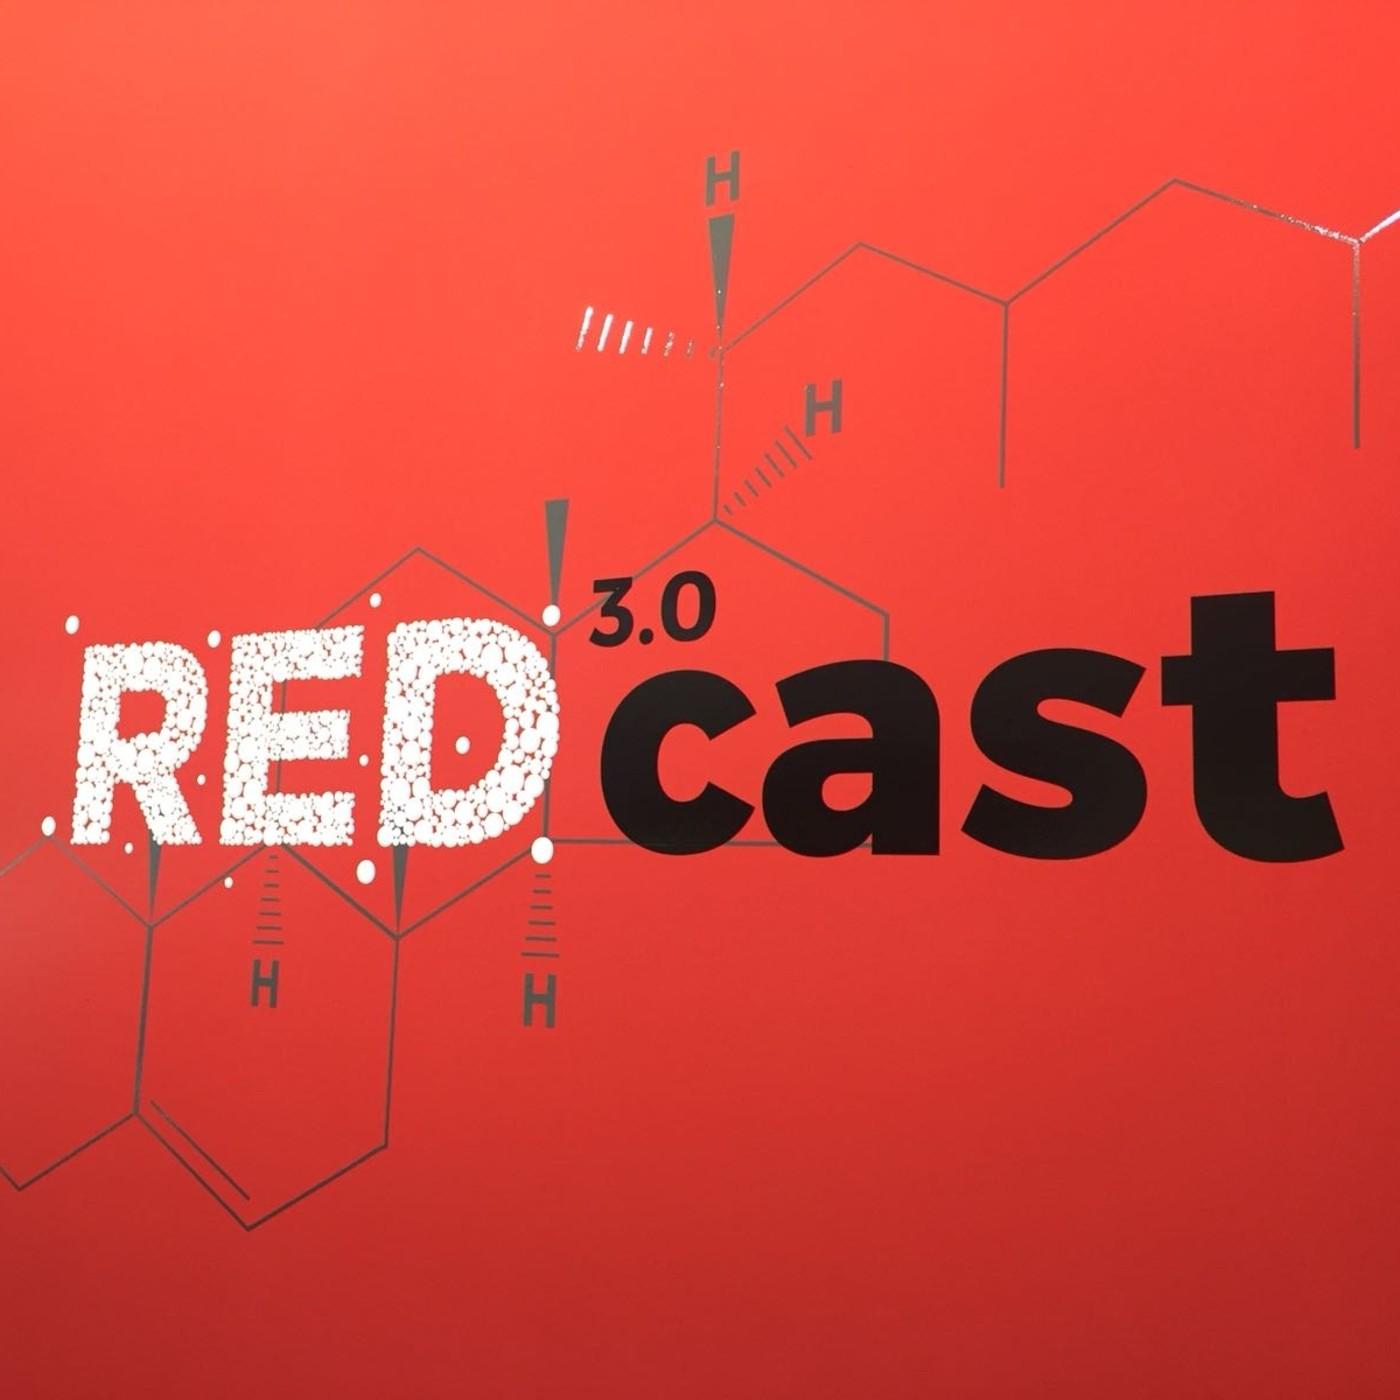 REDcast - Entrevista a Dr. Guijarro sobre Euroaspire (control del colesterol en pacientes que han sufrido un infarto)